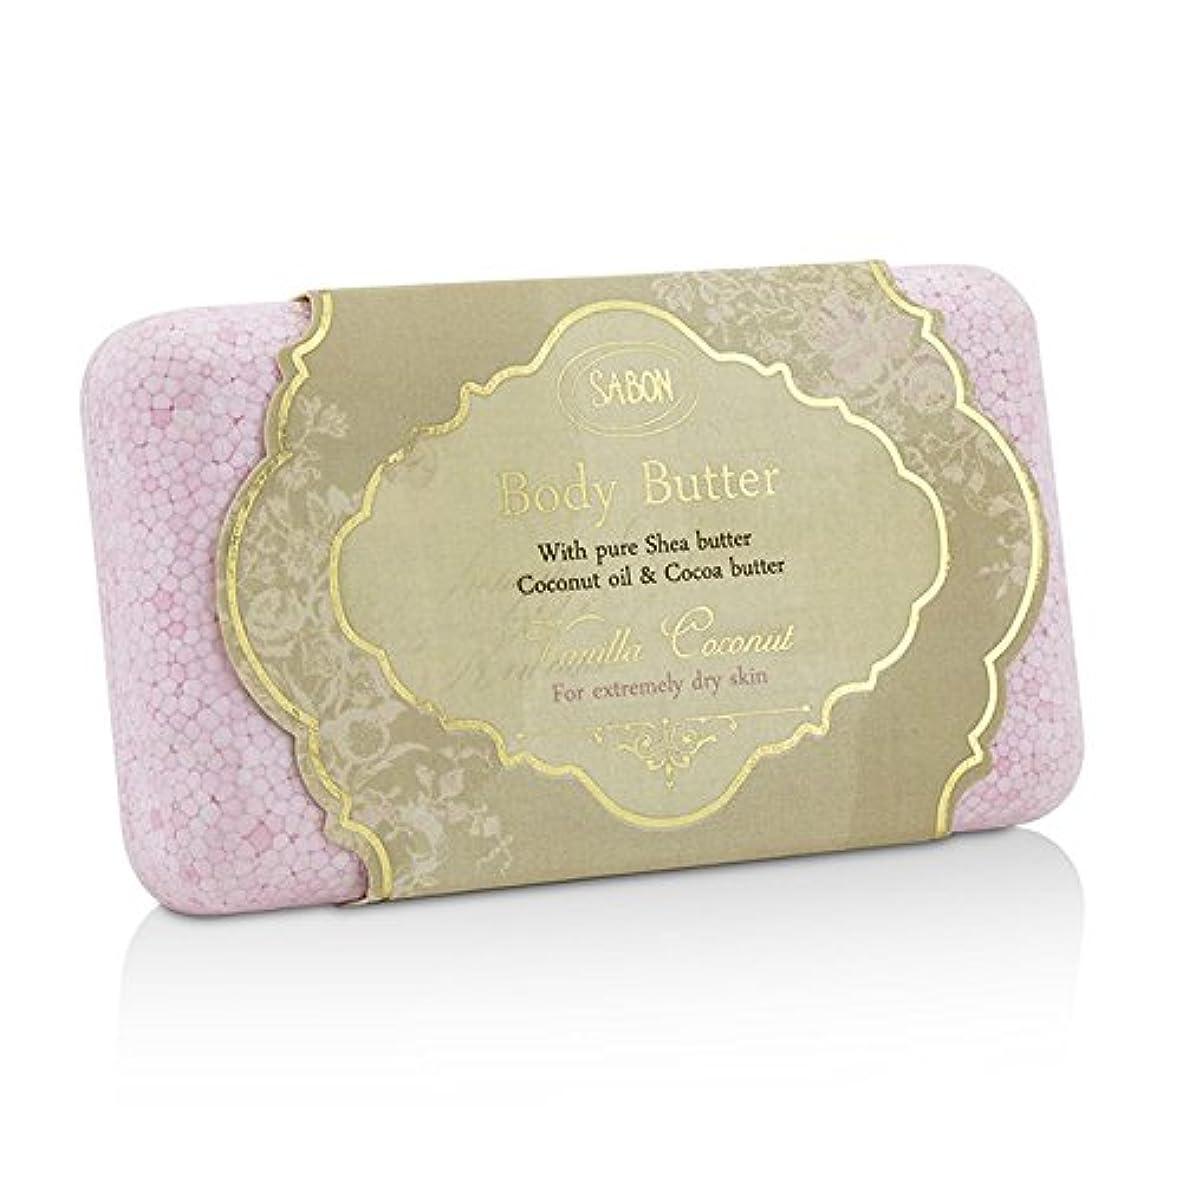 趣味同級生気まぐれなサボン Body Butter (For Extremely Dry Skin) - Vanilla Coconut 100g/3.53oz並行輸入品